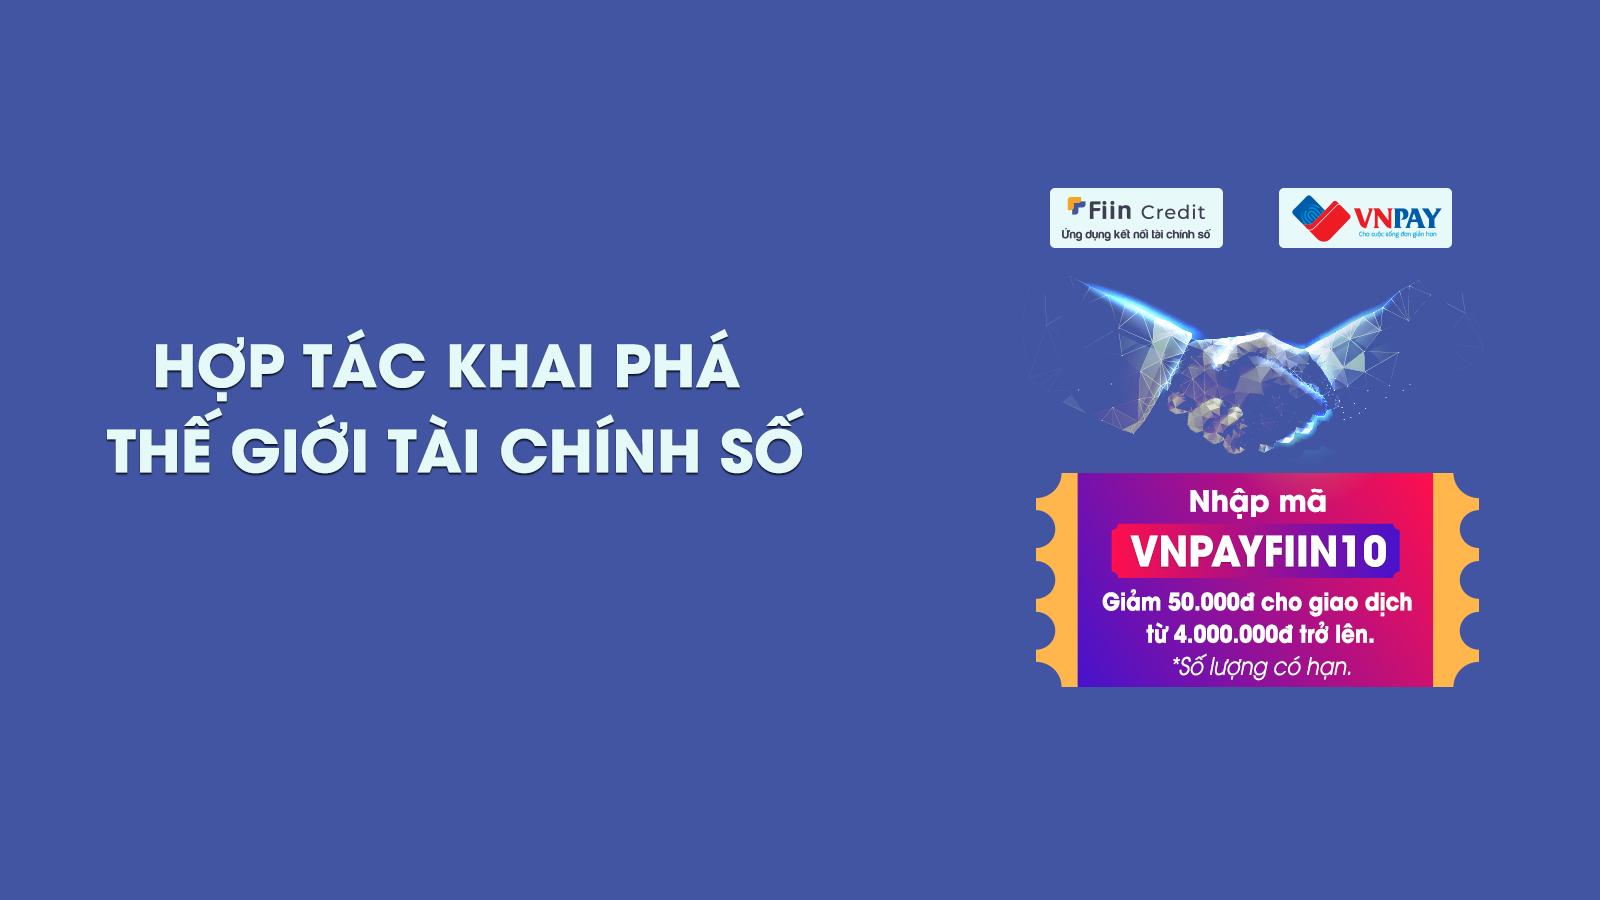 Fiin Credit hợp tác VNPAY ra mắt ưu đãi giảm 50k khi nhập mã VNPAYFIIN10.